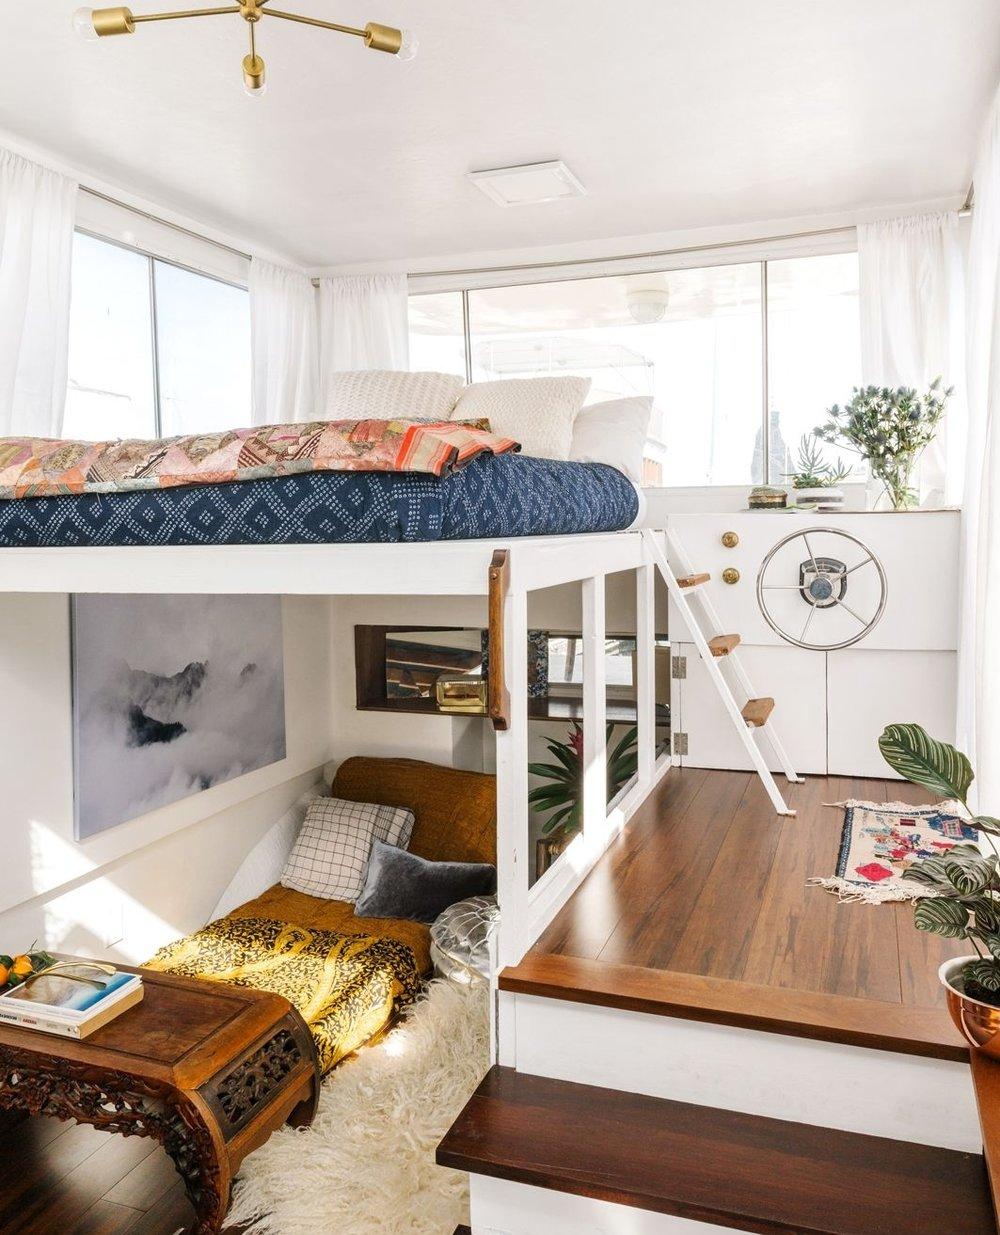 kyleigh-kuhn-whim-houseboat-care.jpg